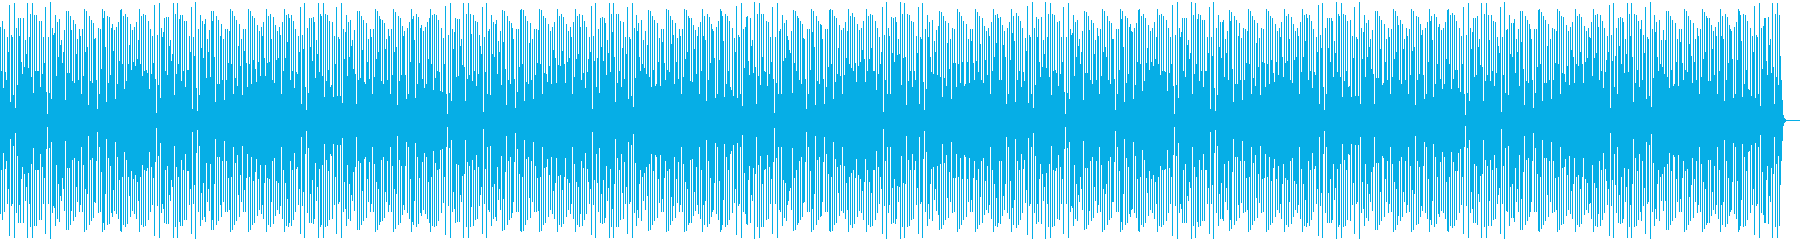 コミカルで間抜けなシーンの劇伴の再生済みの波形